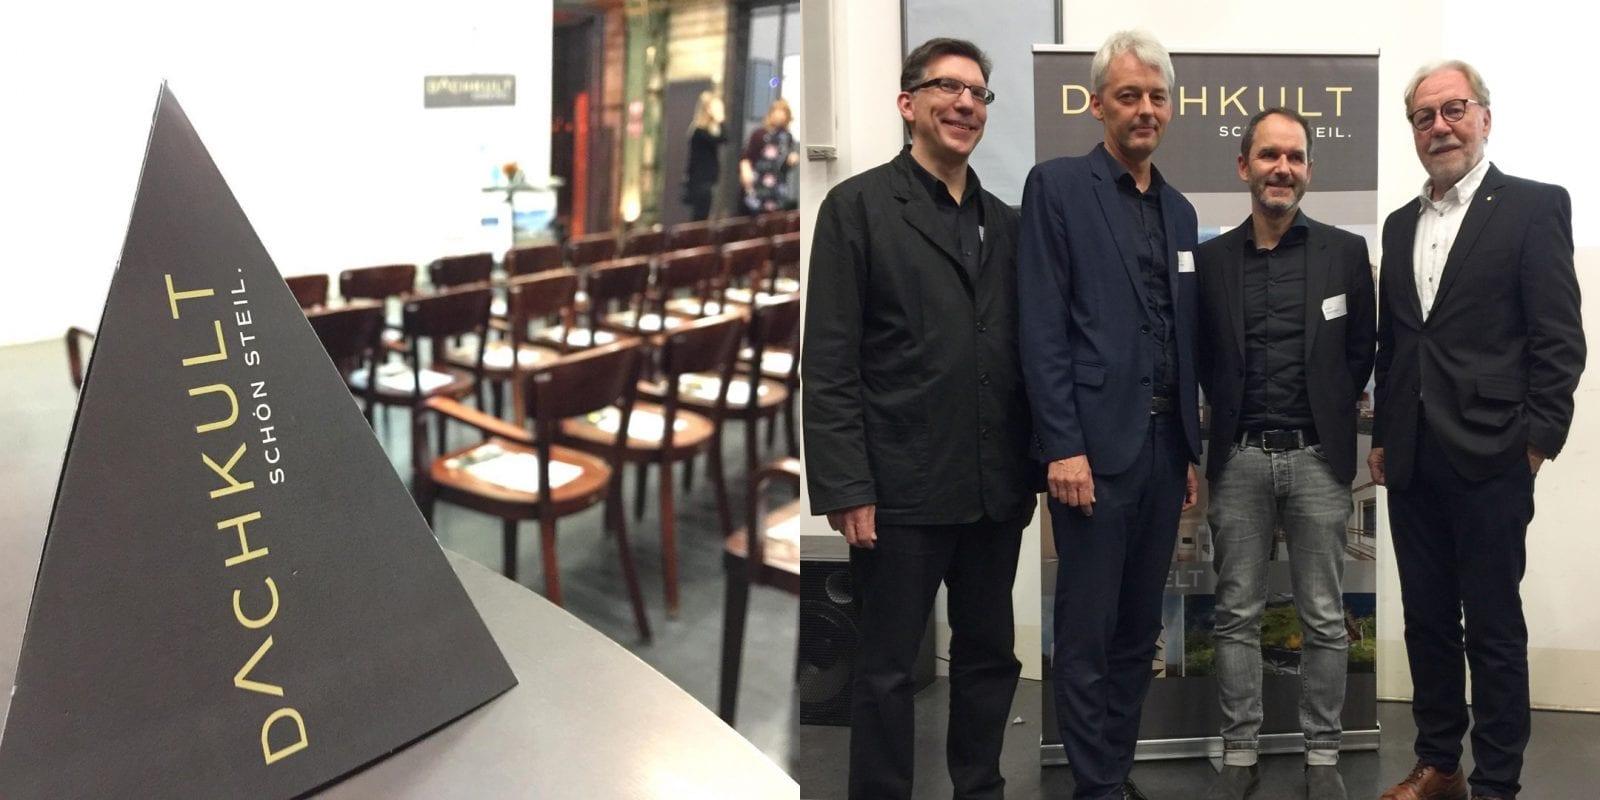 Gruppenbild der Dachkult-Rooftop Talks #7: Jan R. Krause (Moderation), Achim Pfeiffer (Architekturbüro Heinrich Böll), Prof. André Habermann (habermann.decker.architekten) und Klaus H. Niemann (Dachkult). Foto: Eric Sturm